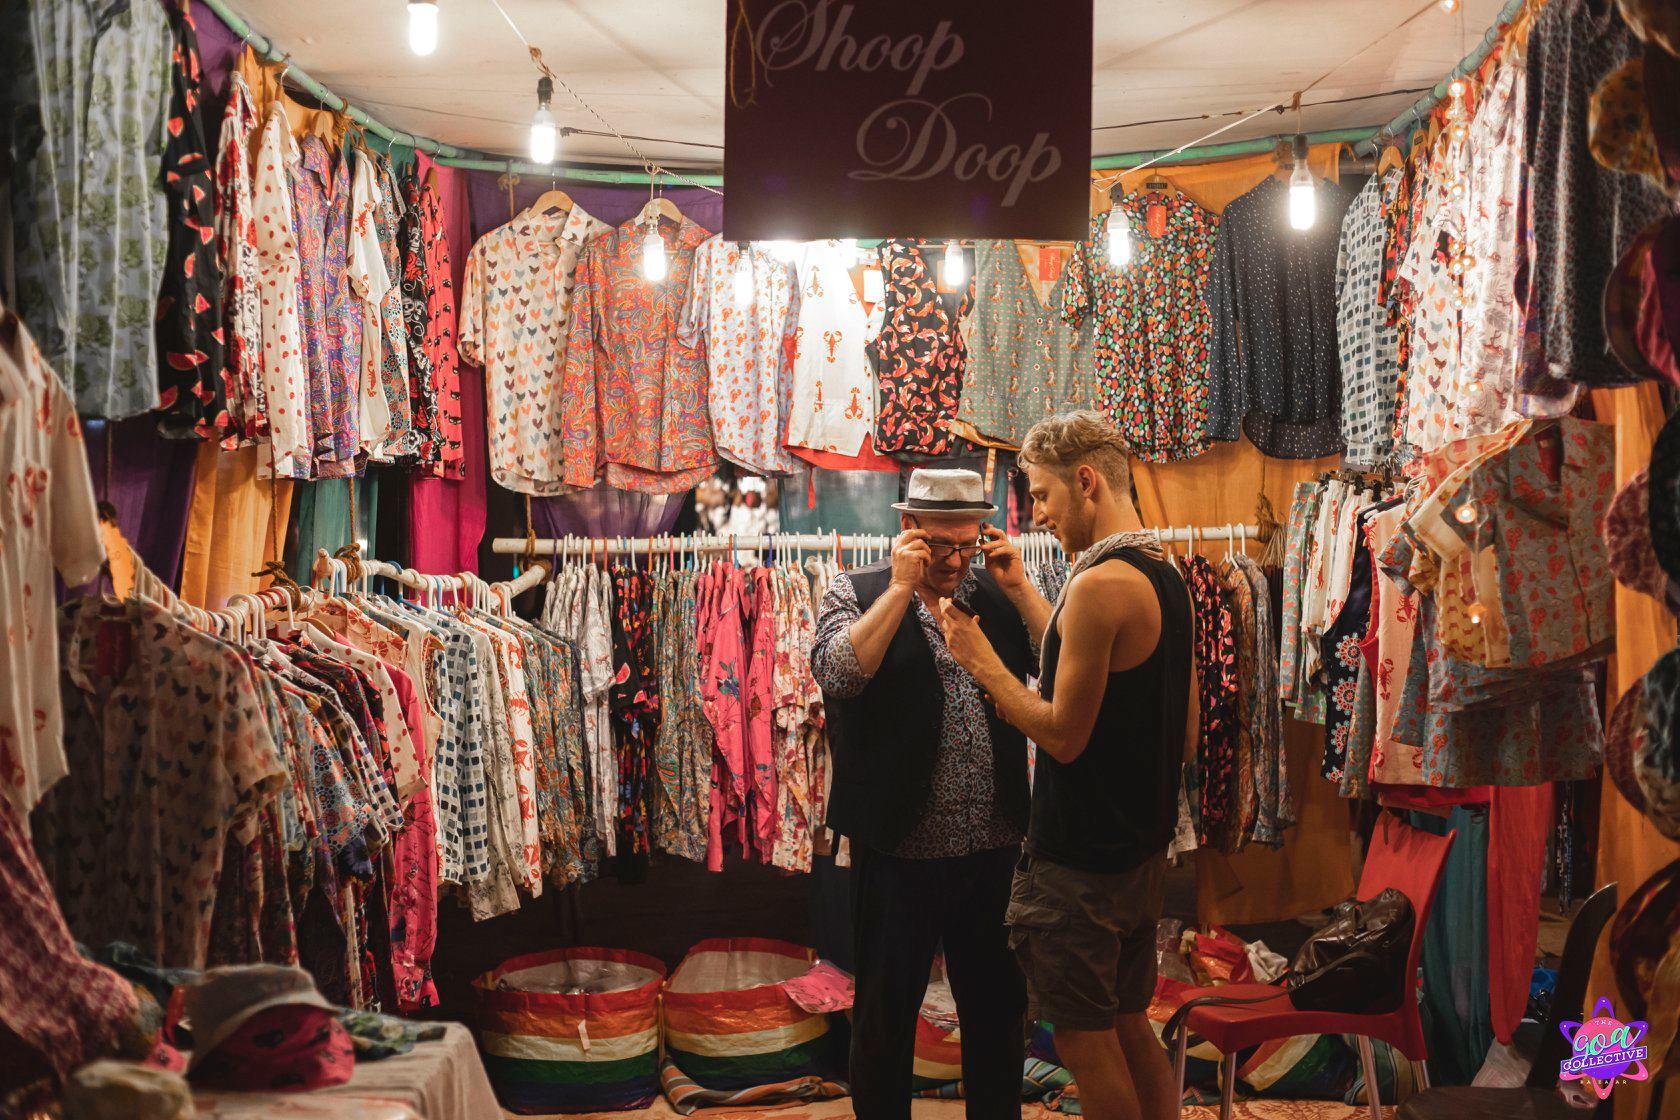 Goa Collective Bazaar Shoop Doop